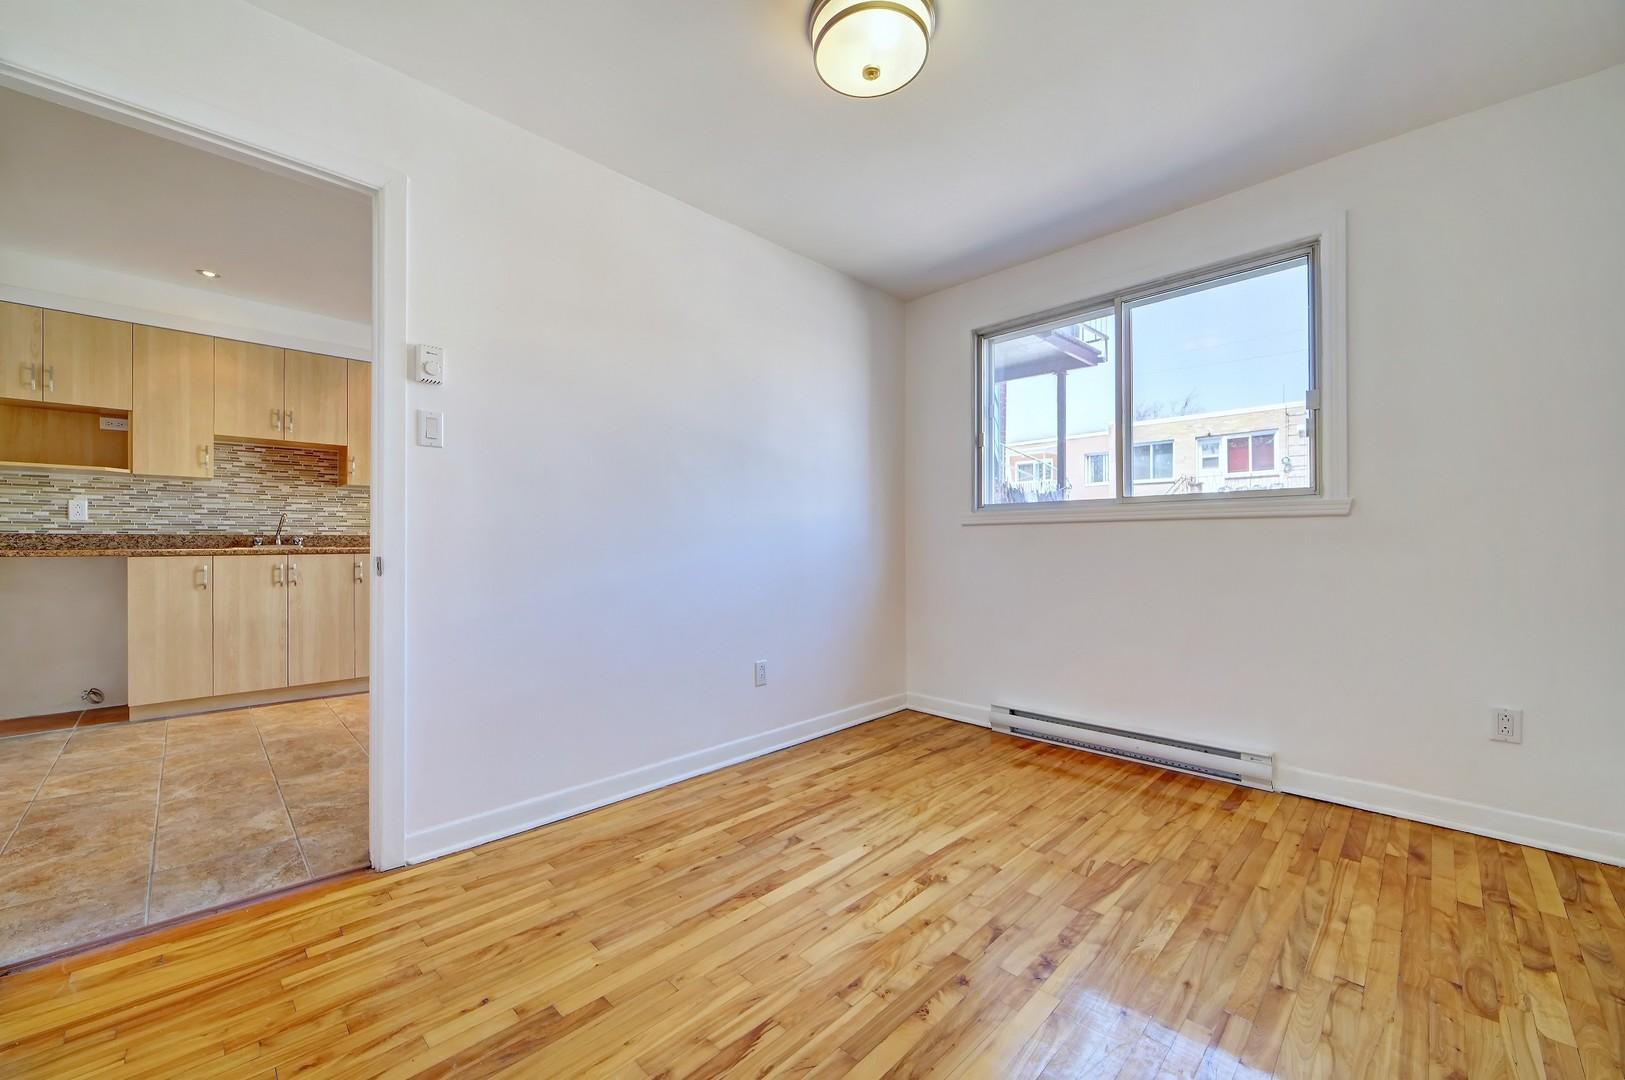 image 3 - Apartment - For rent - Montréal  (Mercier) - 4 rooms